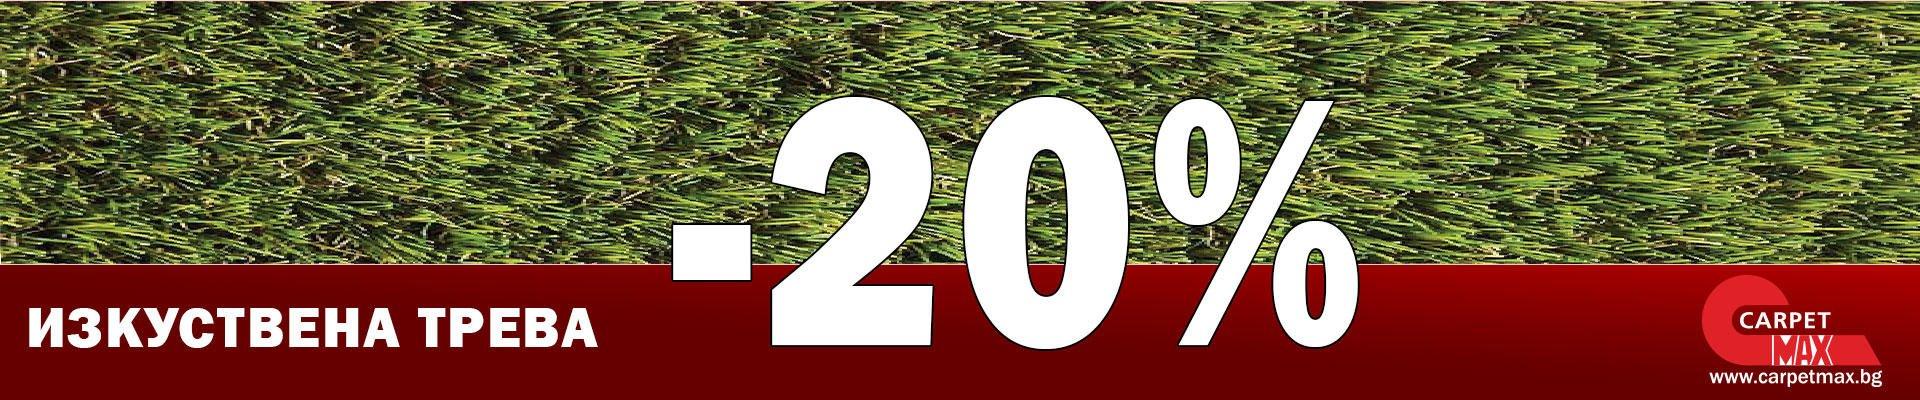 Промо изкуствена трева - скъпа